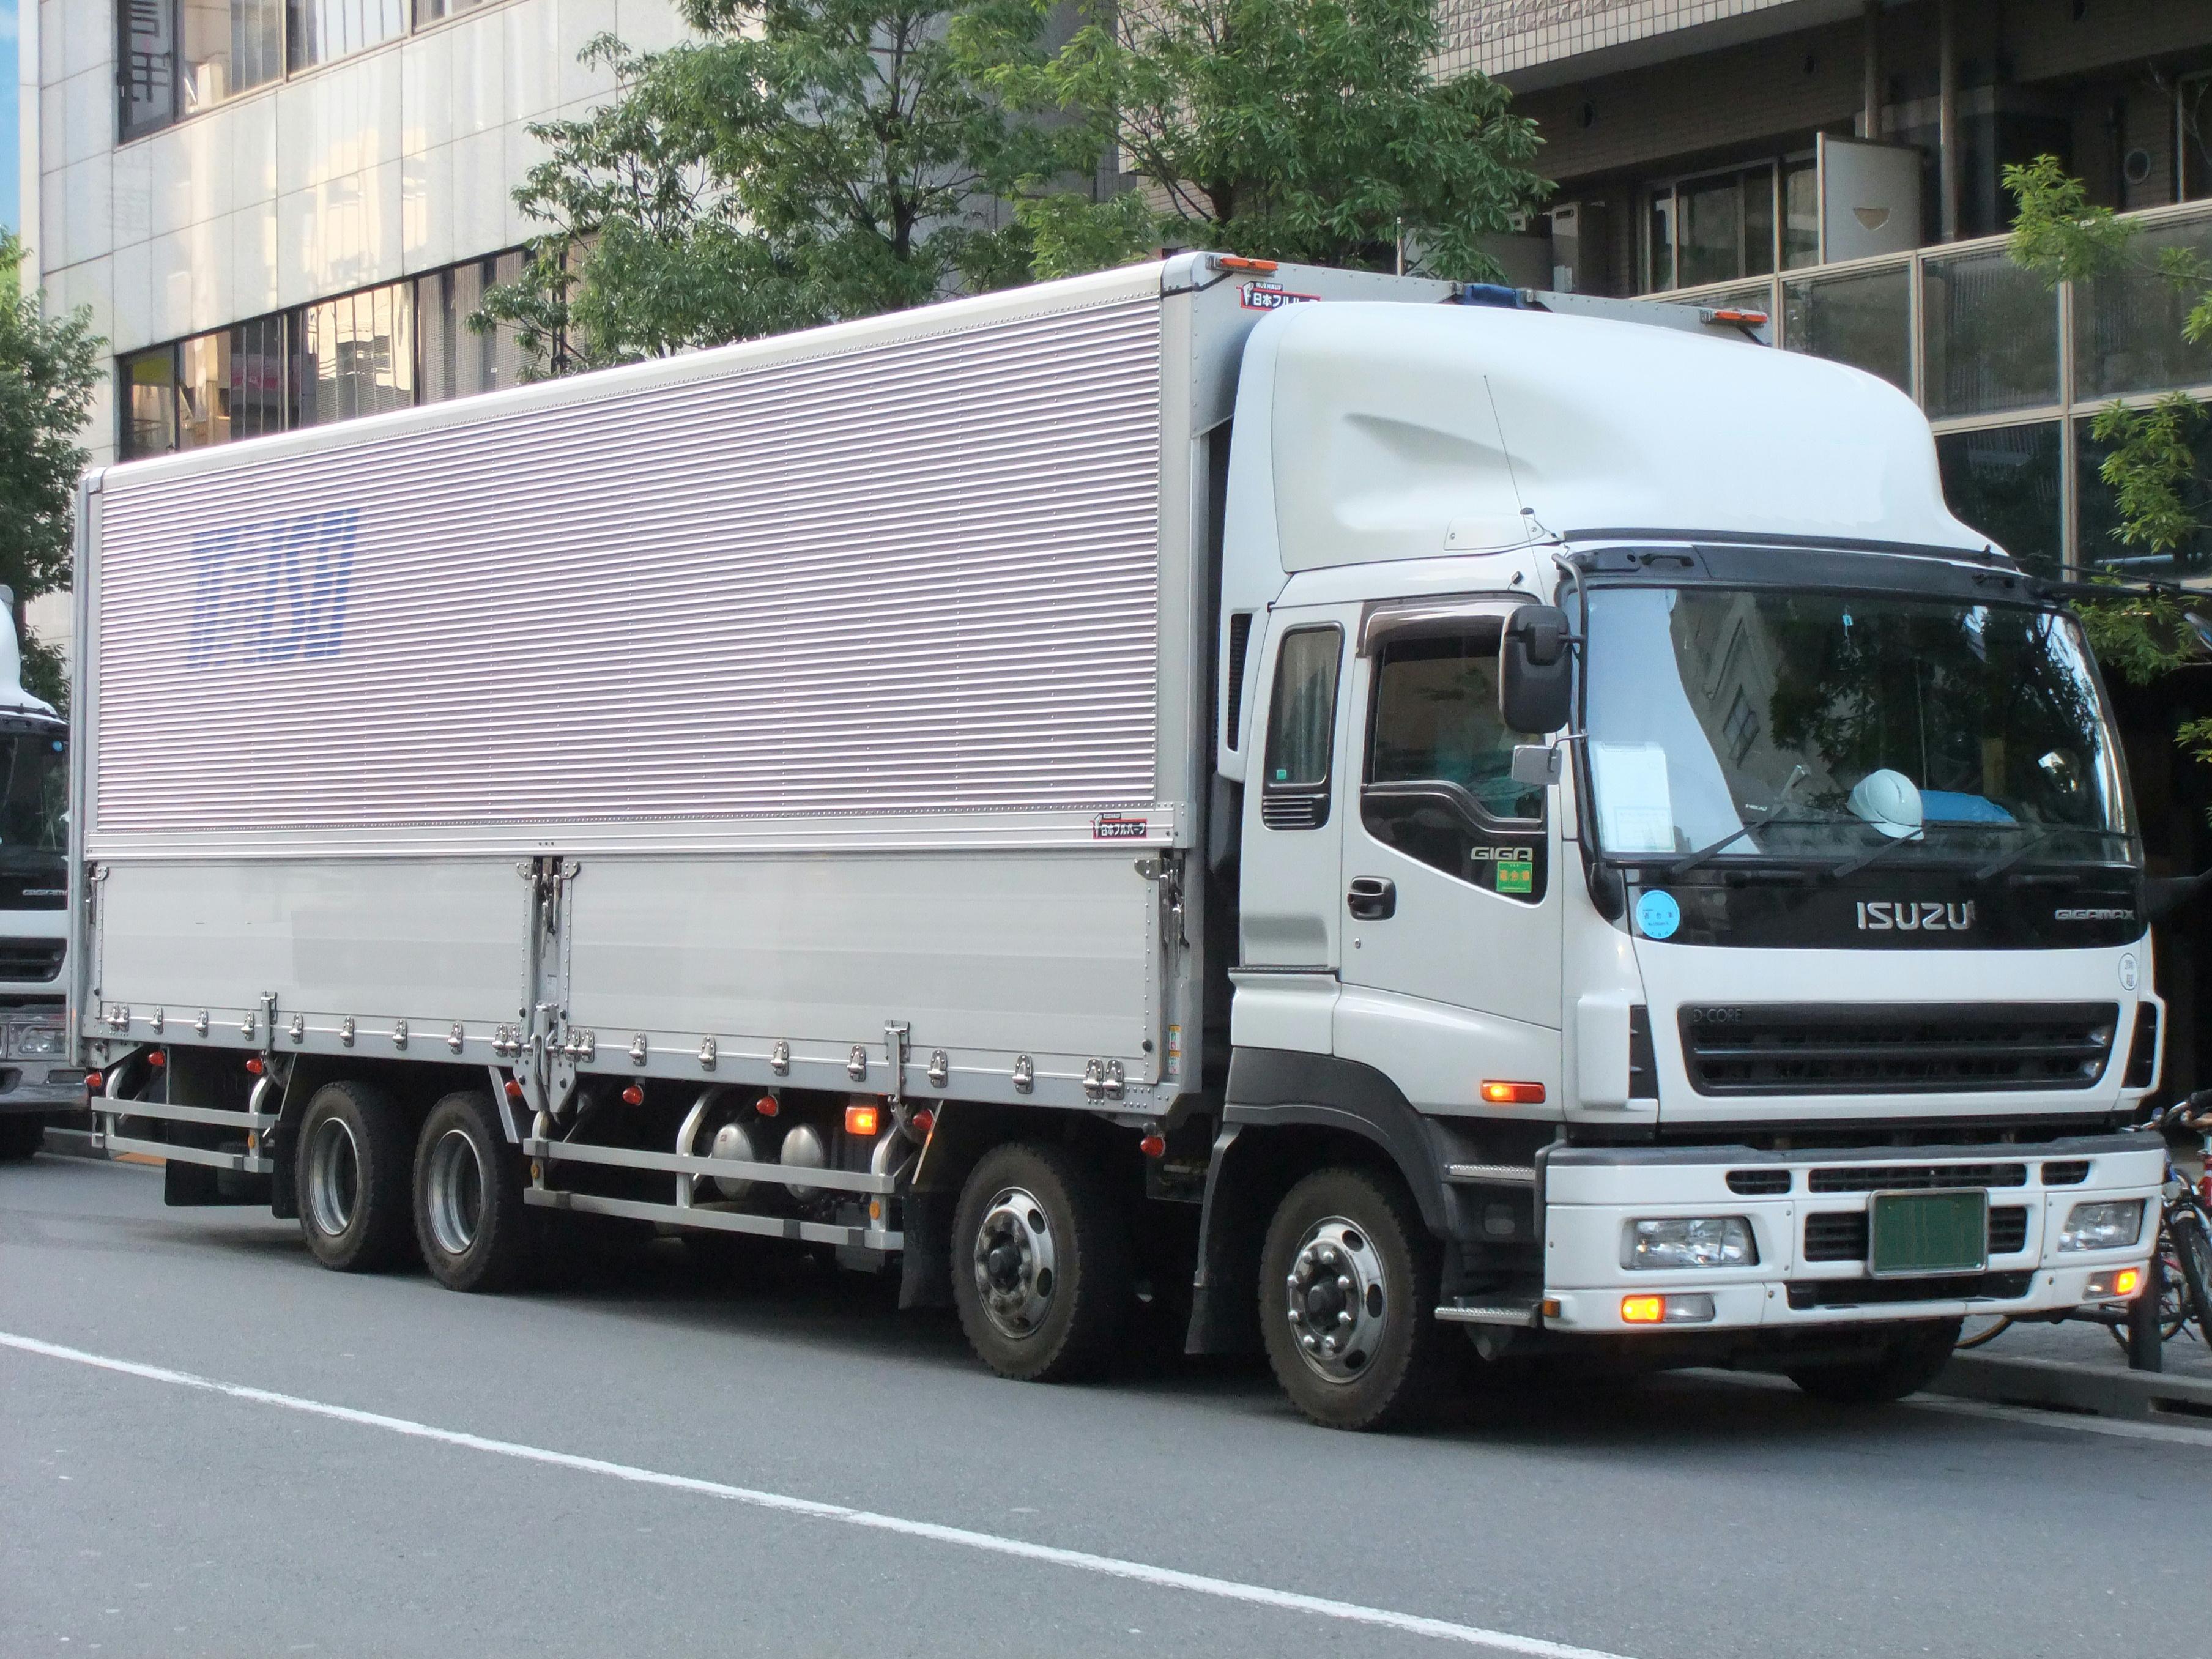 File Isuzu Giga Full Cab Aluminum Wing Truck Jpg